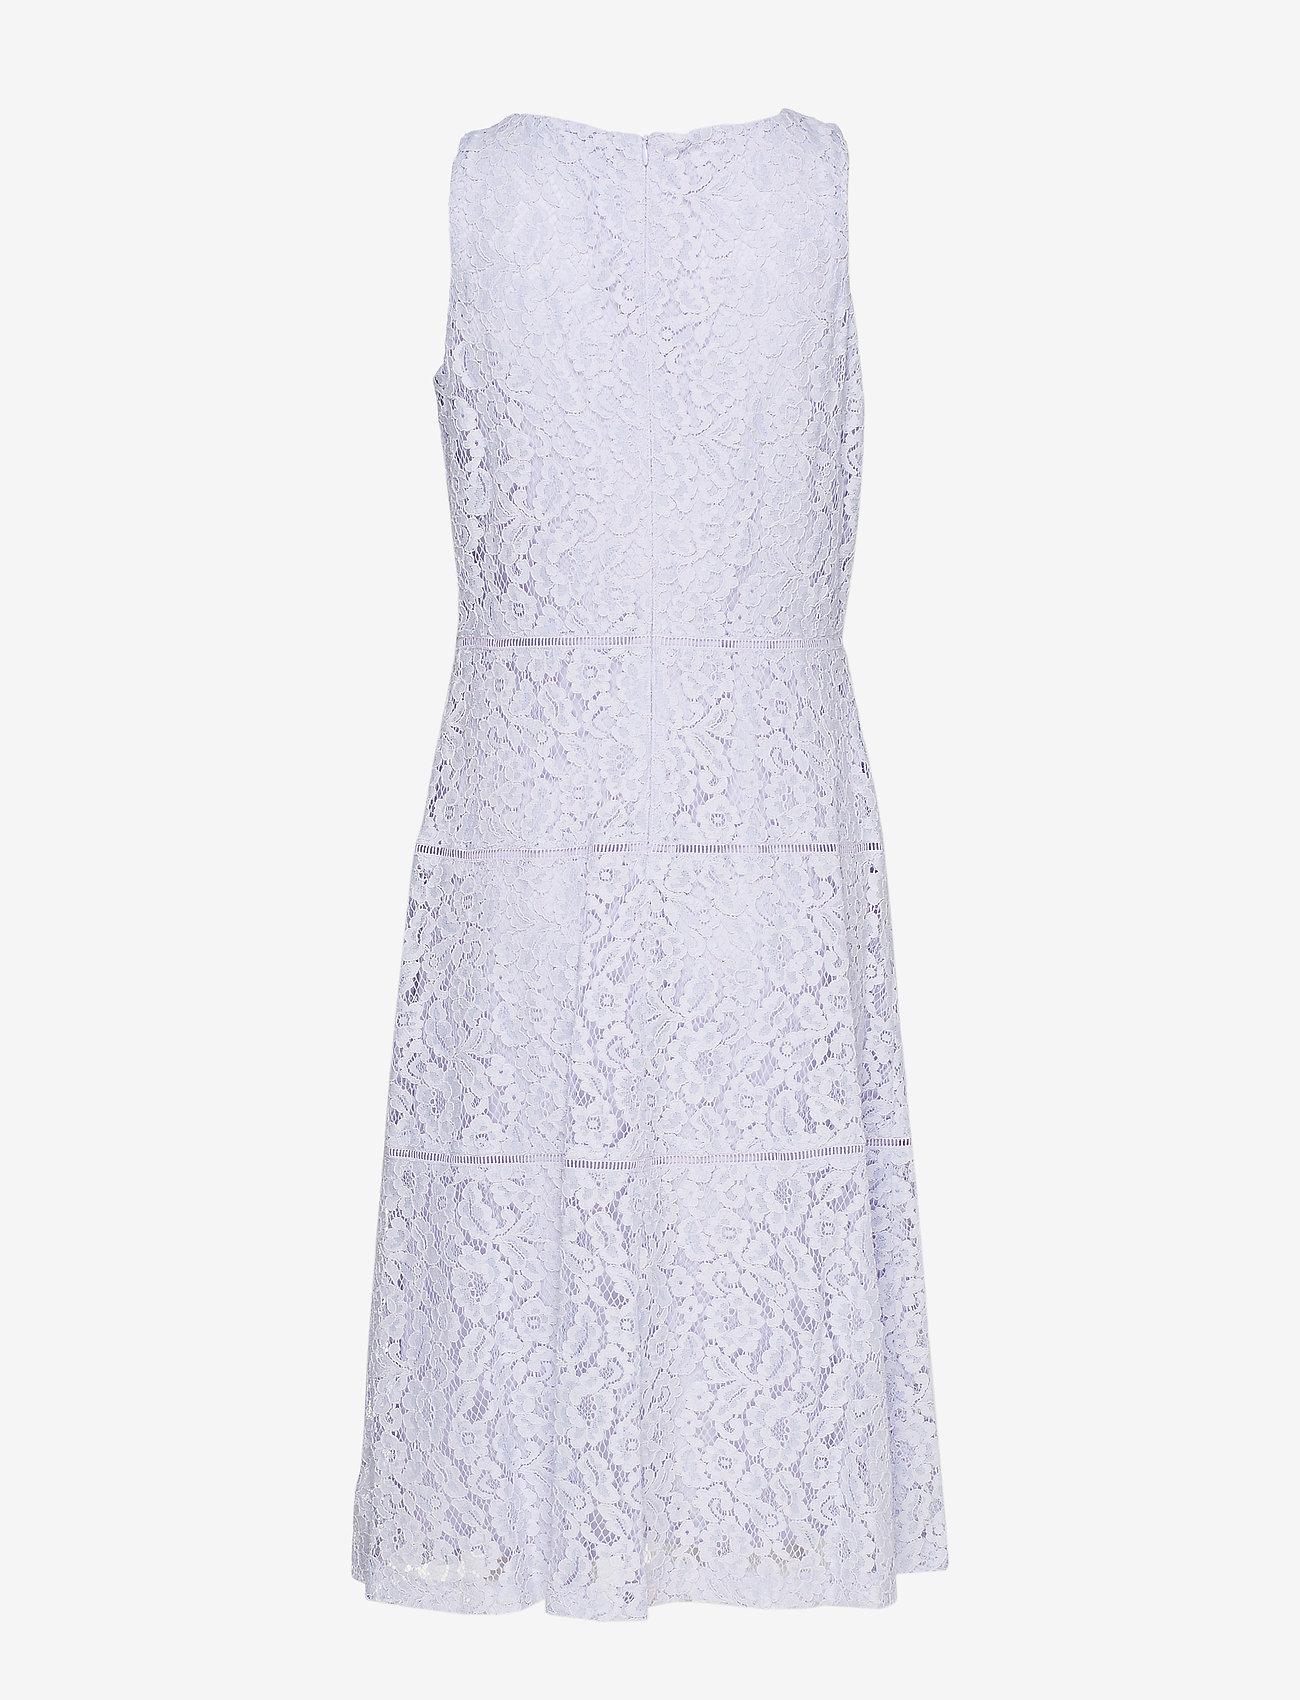 Lace Fit-and-flare Dress (Blue Orchid) - Lauren Ralph Lauren BlMKkp